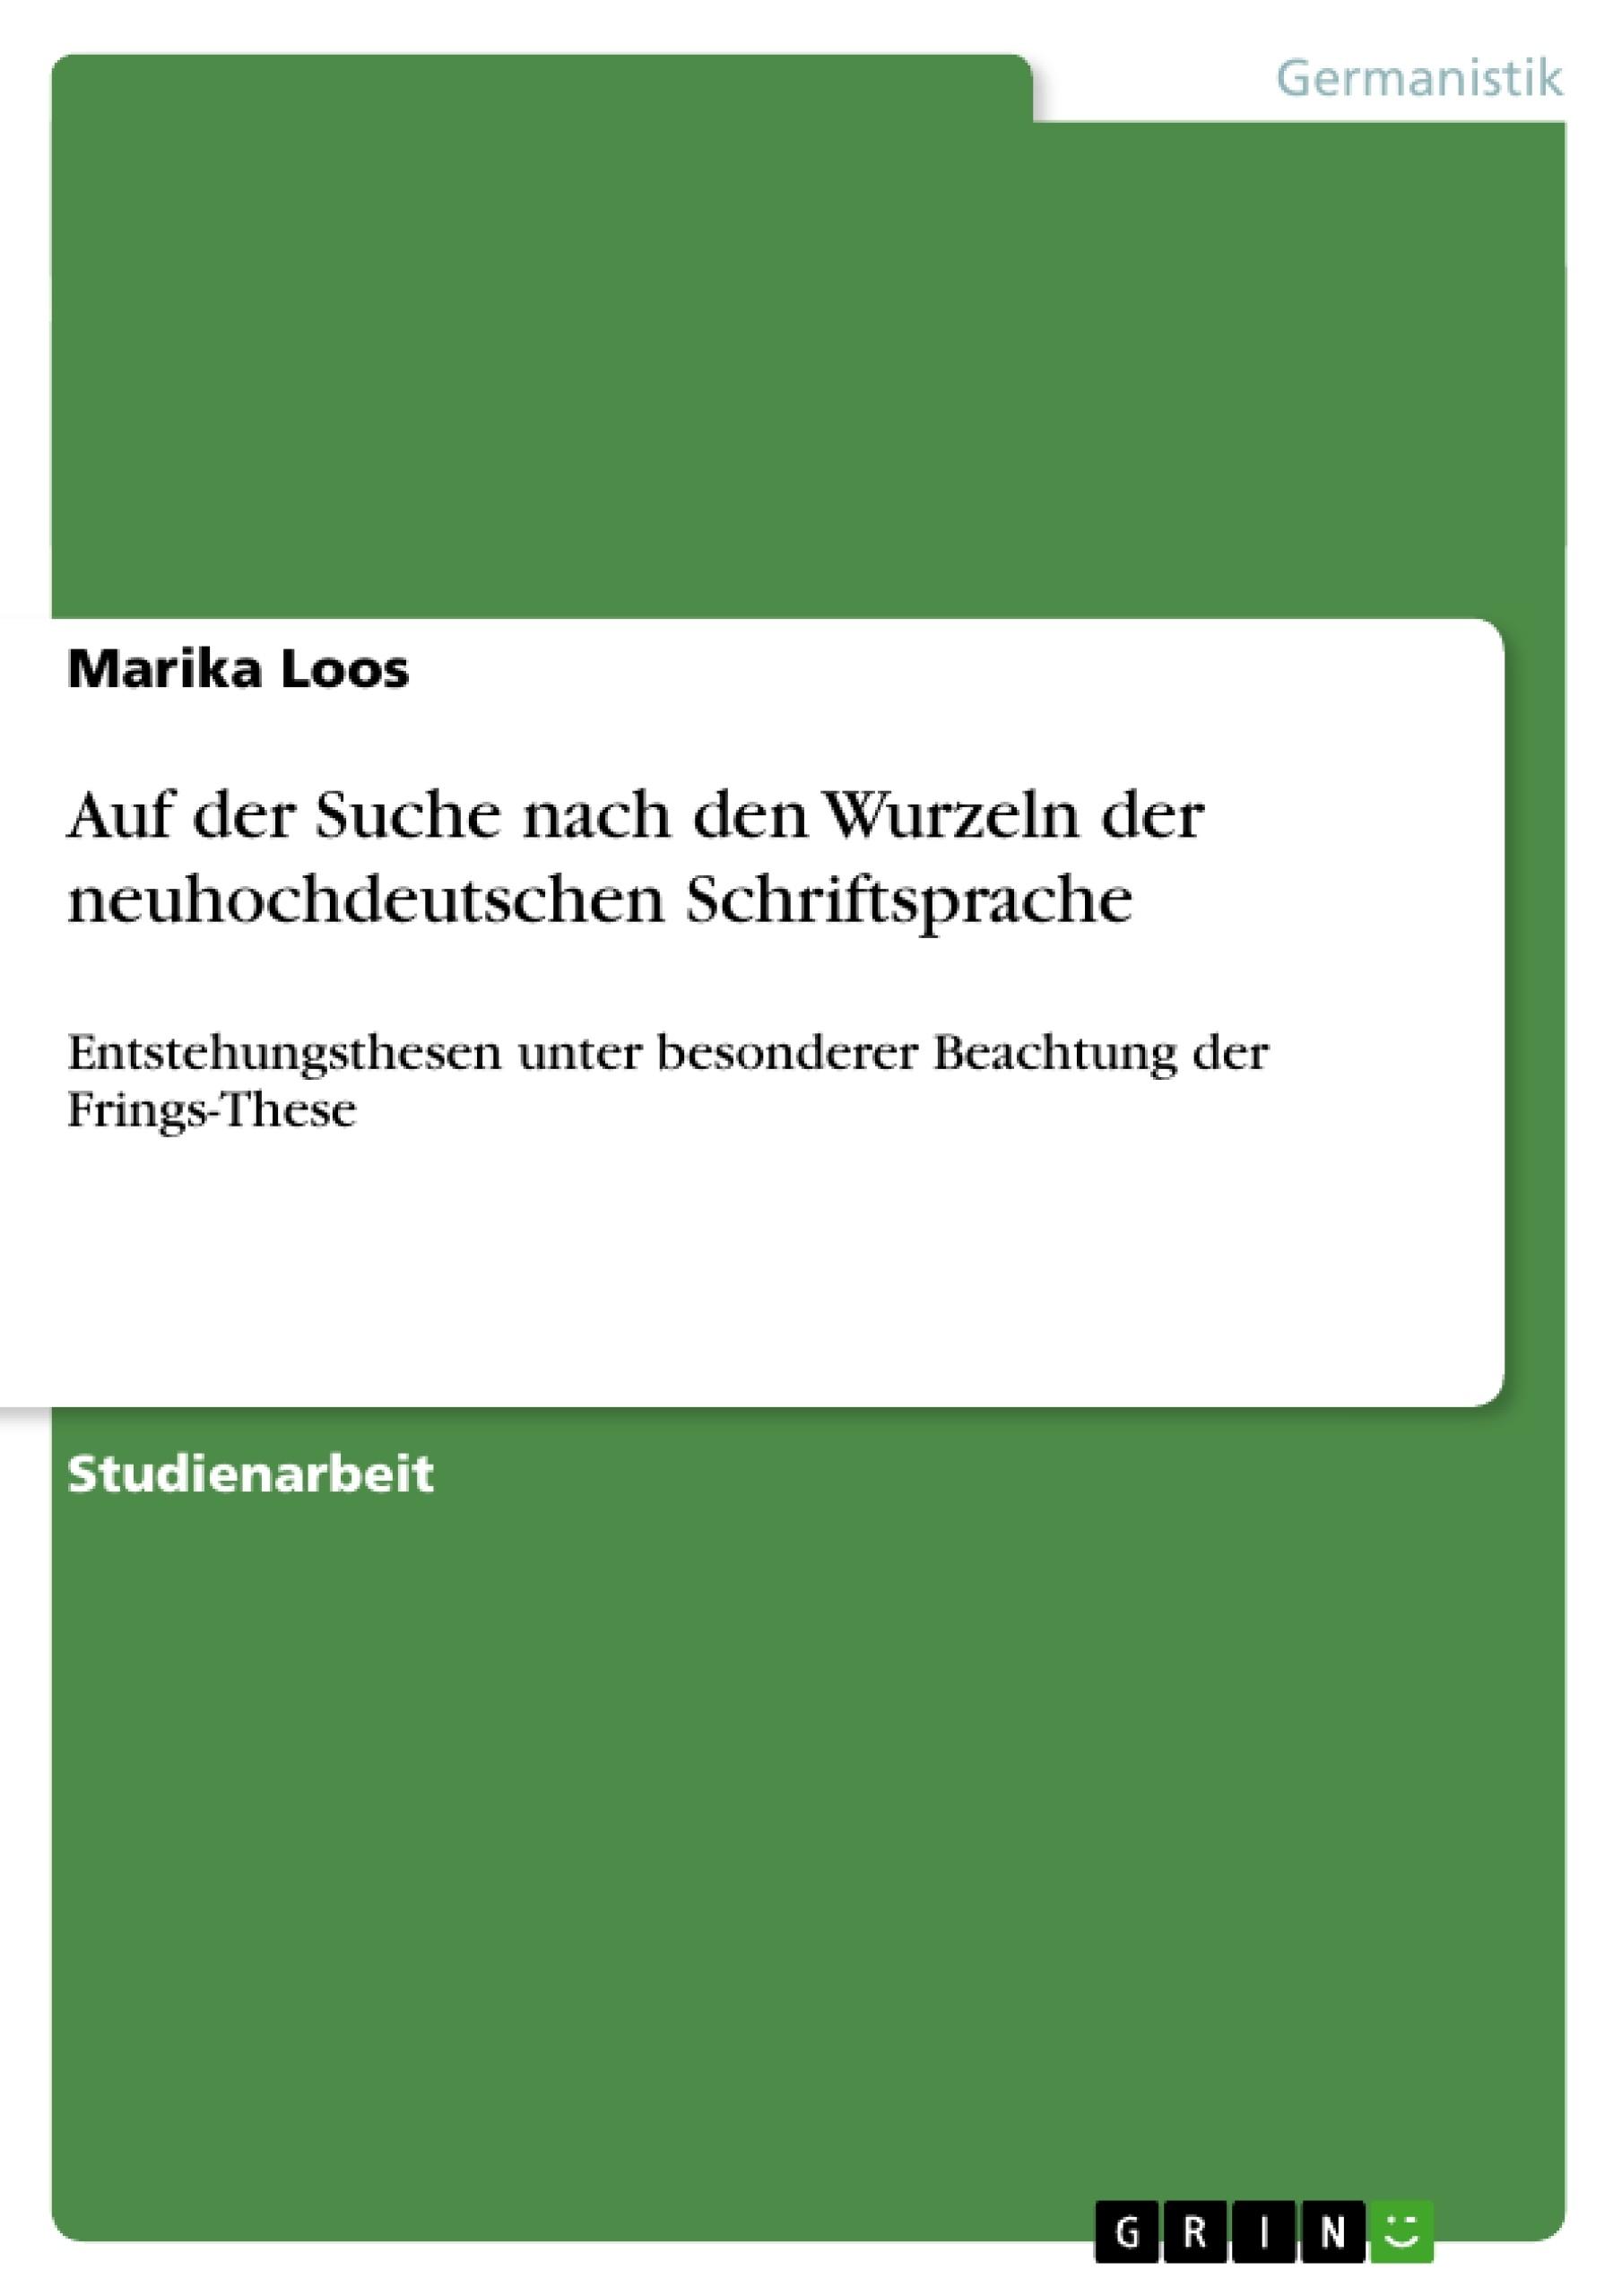 Titel: Auf der Suche nach den Wurzeln der neuhochdeutschen Schriftsprache